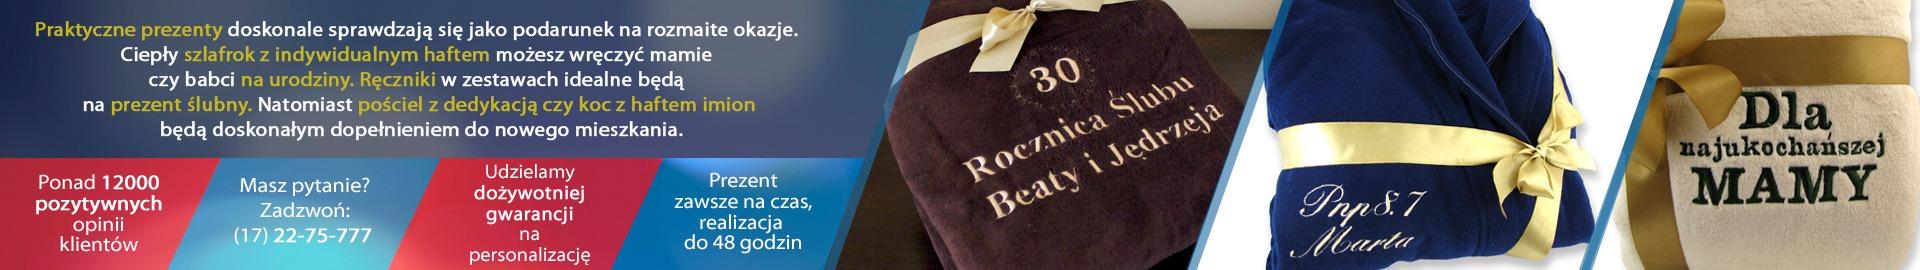 Praktyczne prezenty do wnętrza: koce, ręczniki, szlafroki z indywidualnym haftem sprawdzą się jako prezent na rozmaite okazje.